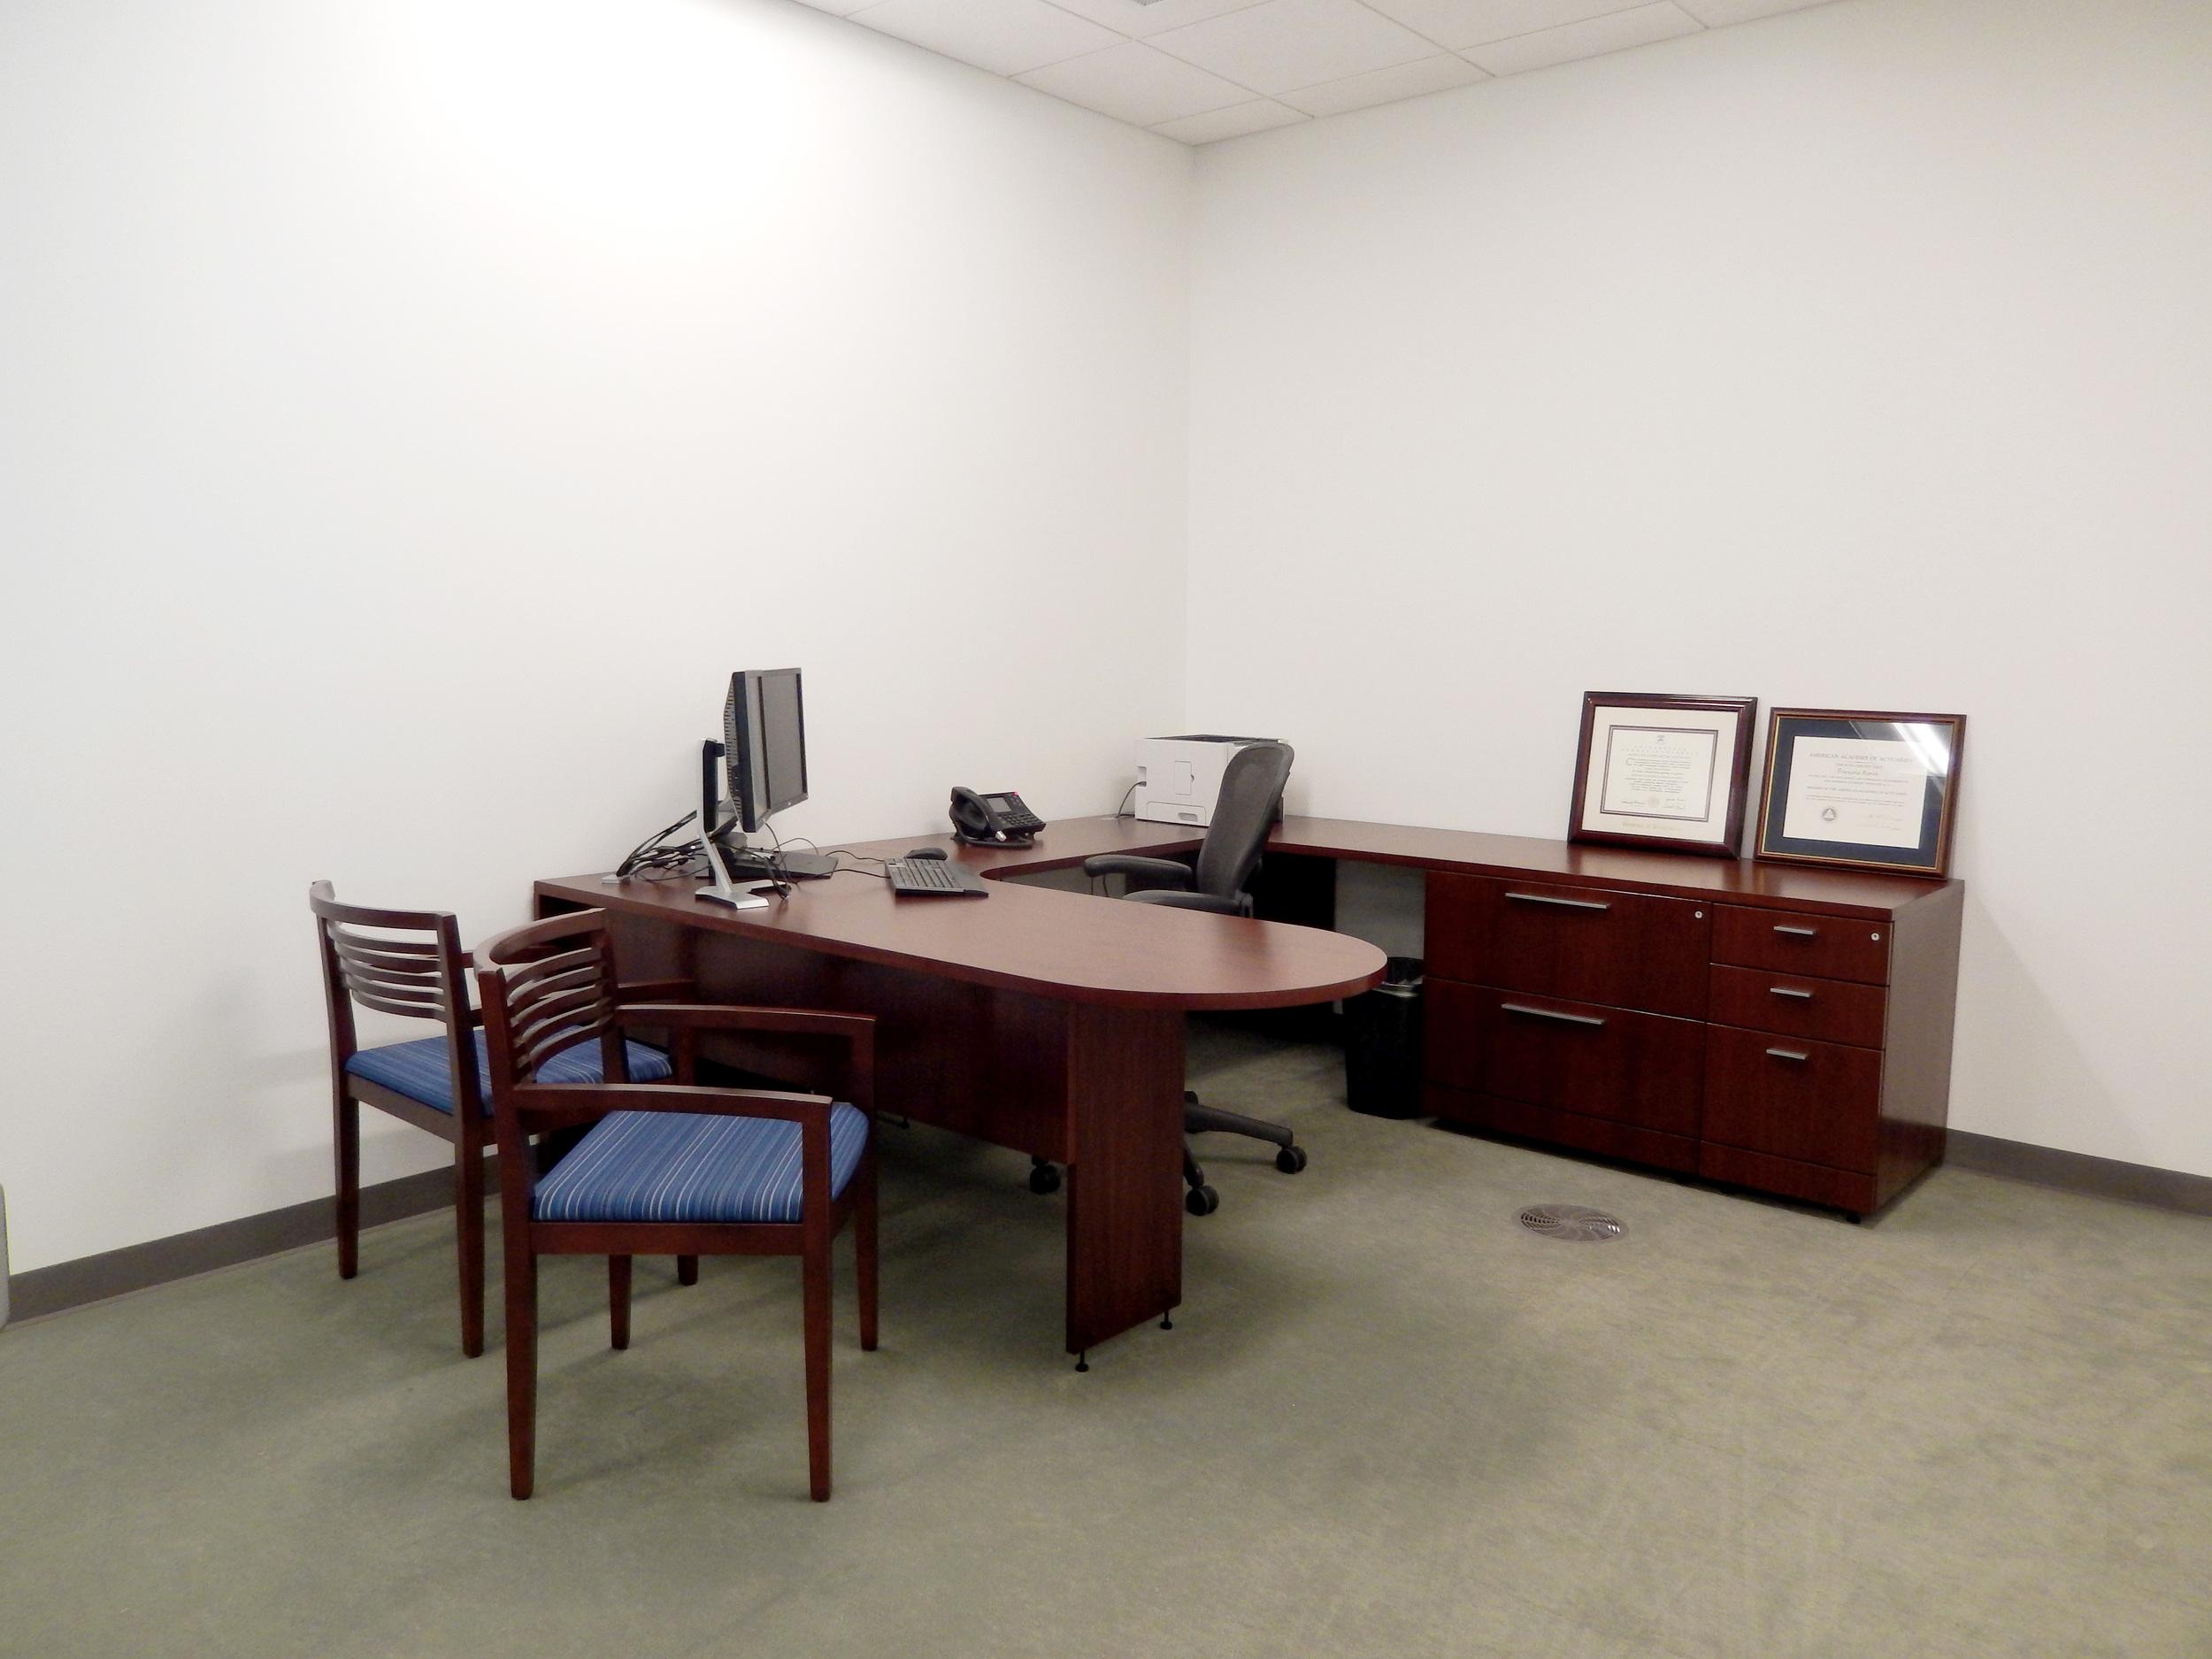 Standard office II. Photograph